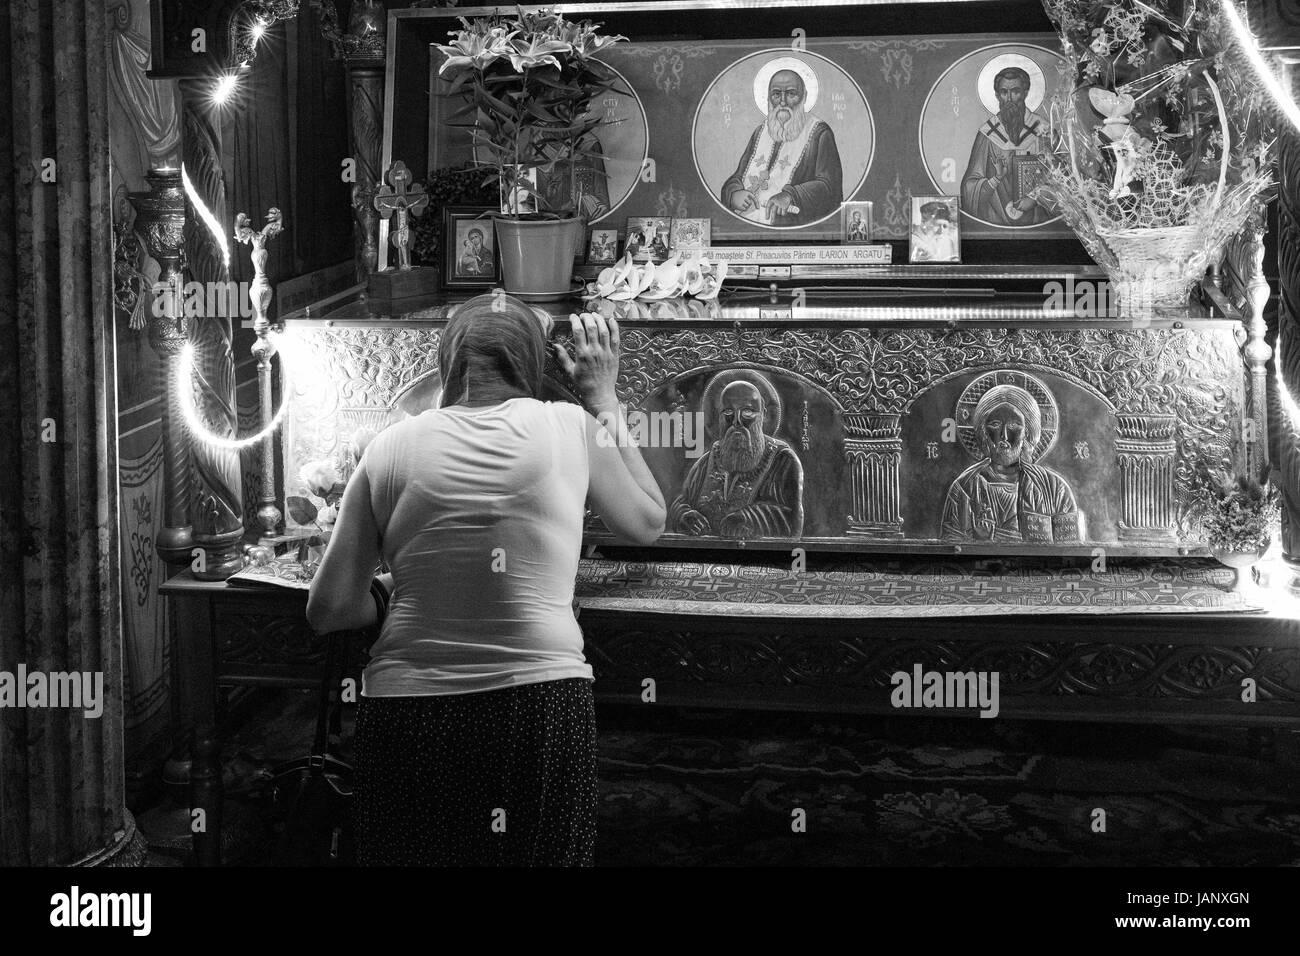 Province Roumaine et de la campagne, la vie quotidienne, les coutumes, les activités quotidiennes et de théâtre. Photo Stock